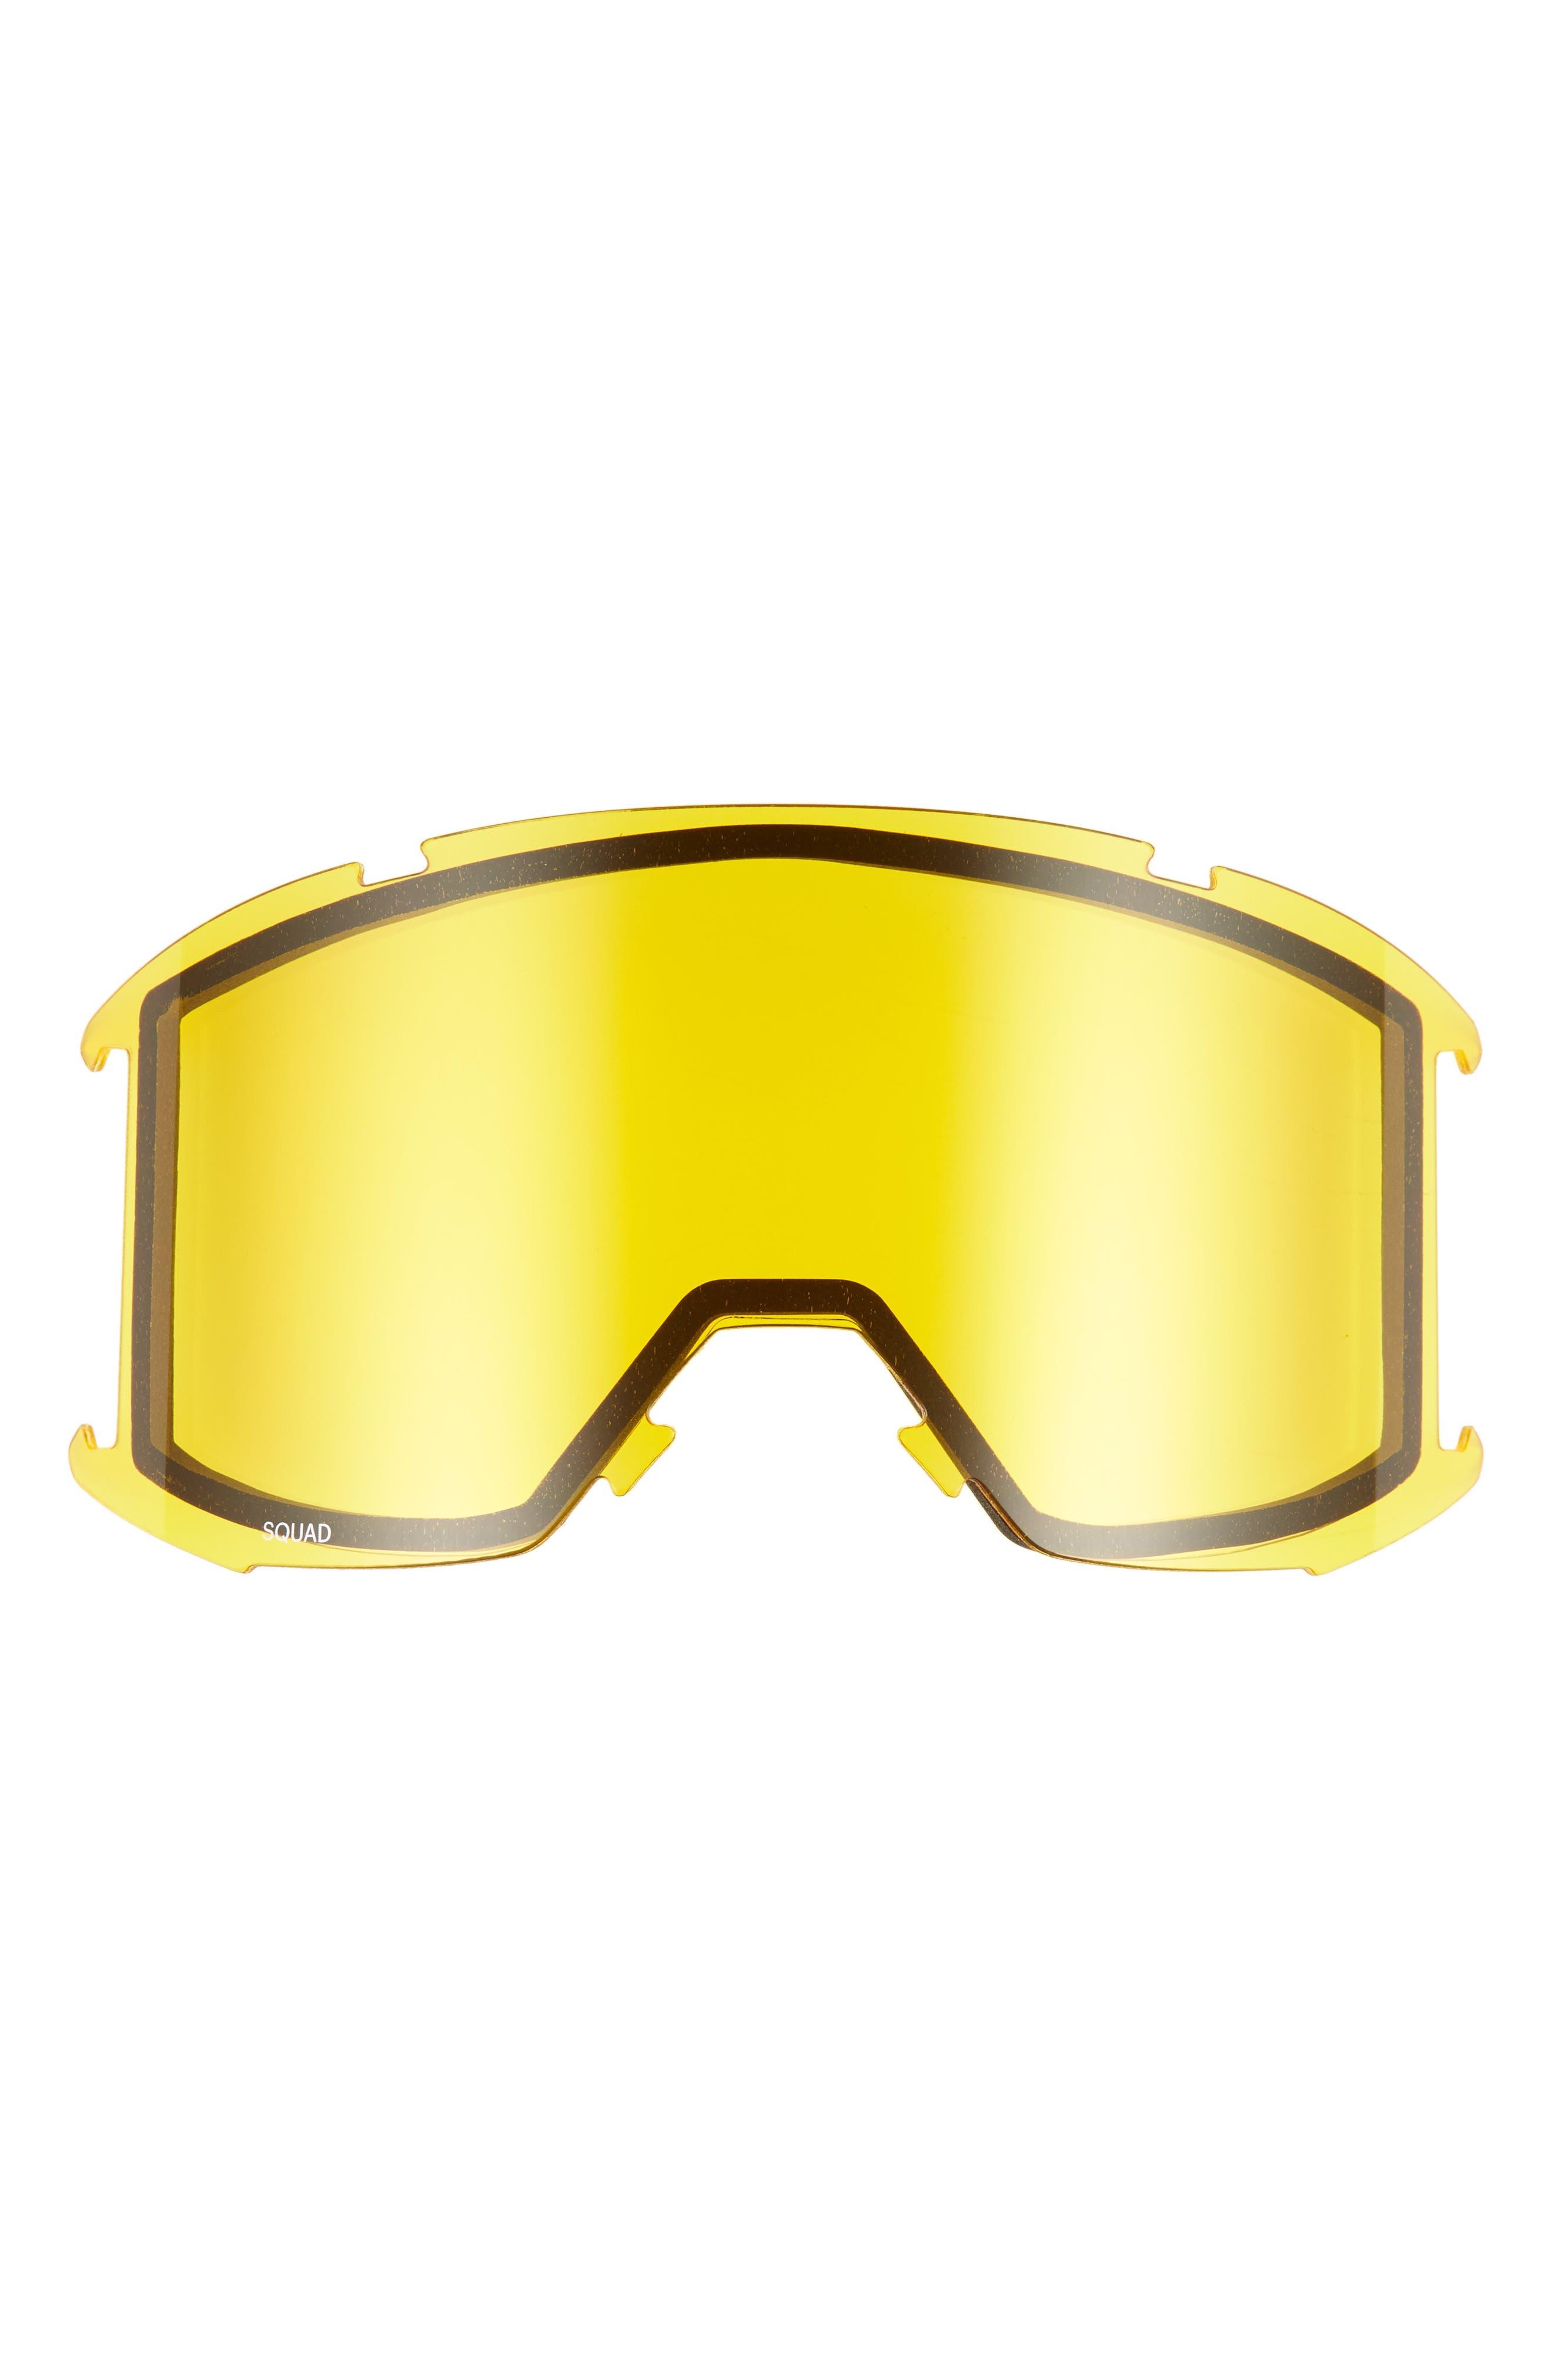 Squad Chromapop 180mm Snow Goggles,                             Alternate thumbnail 4, color,                             CITRON GLOW